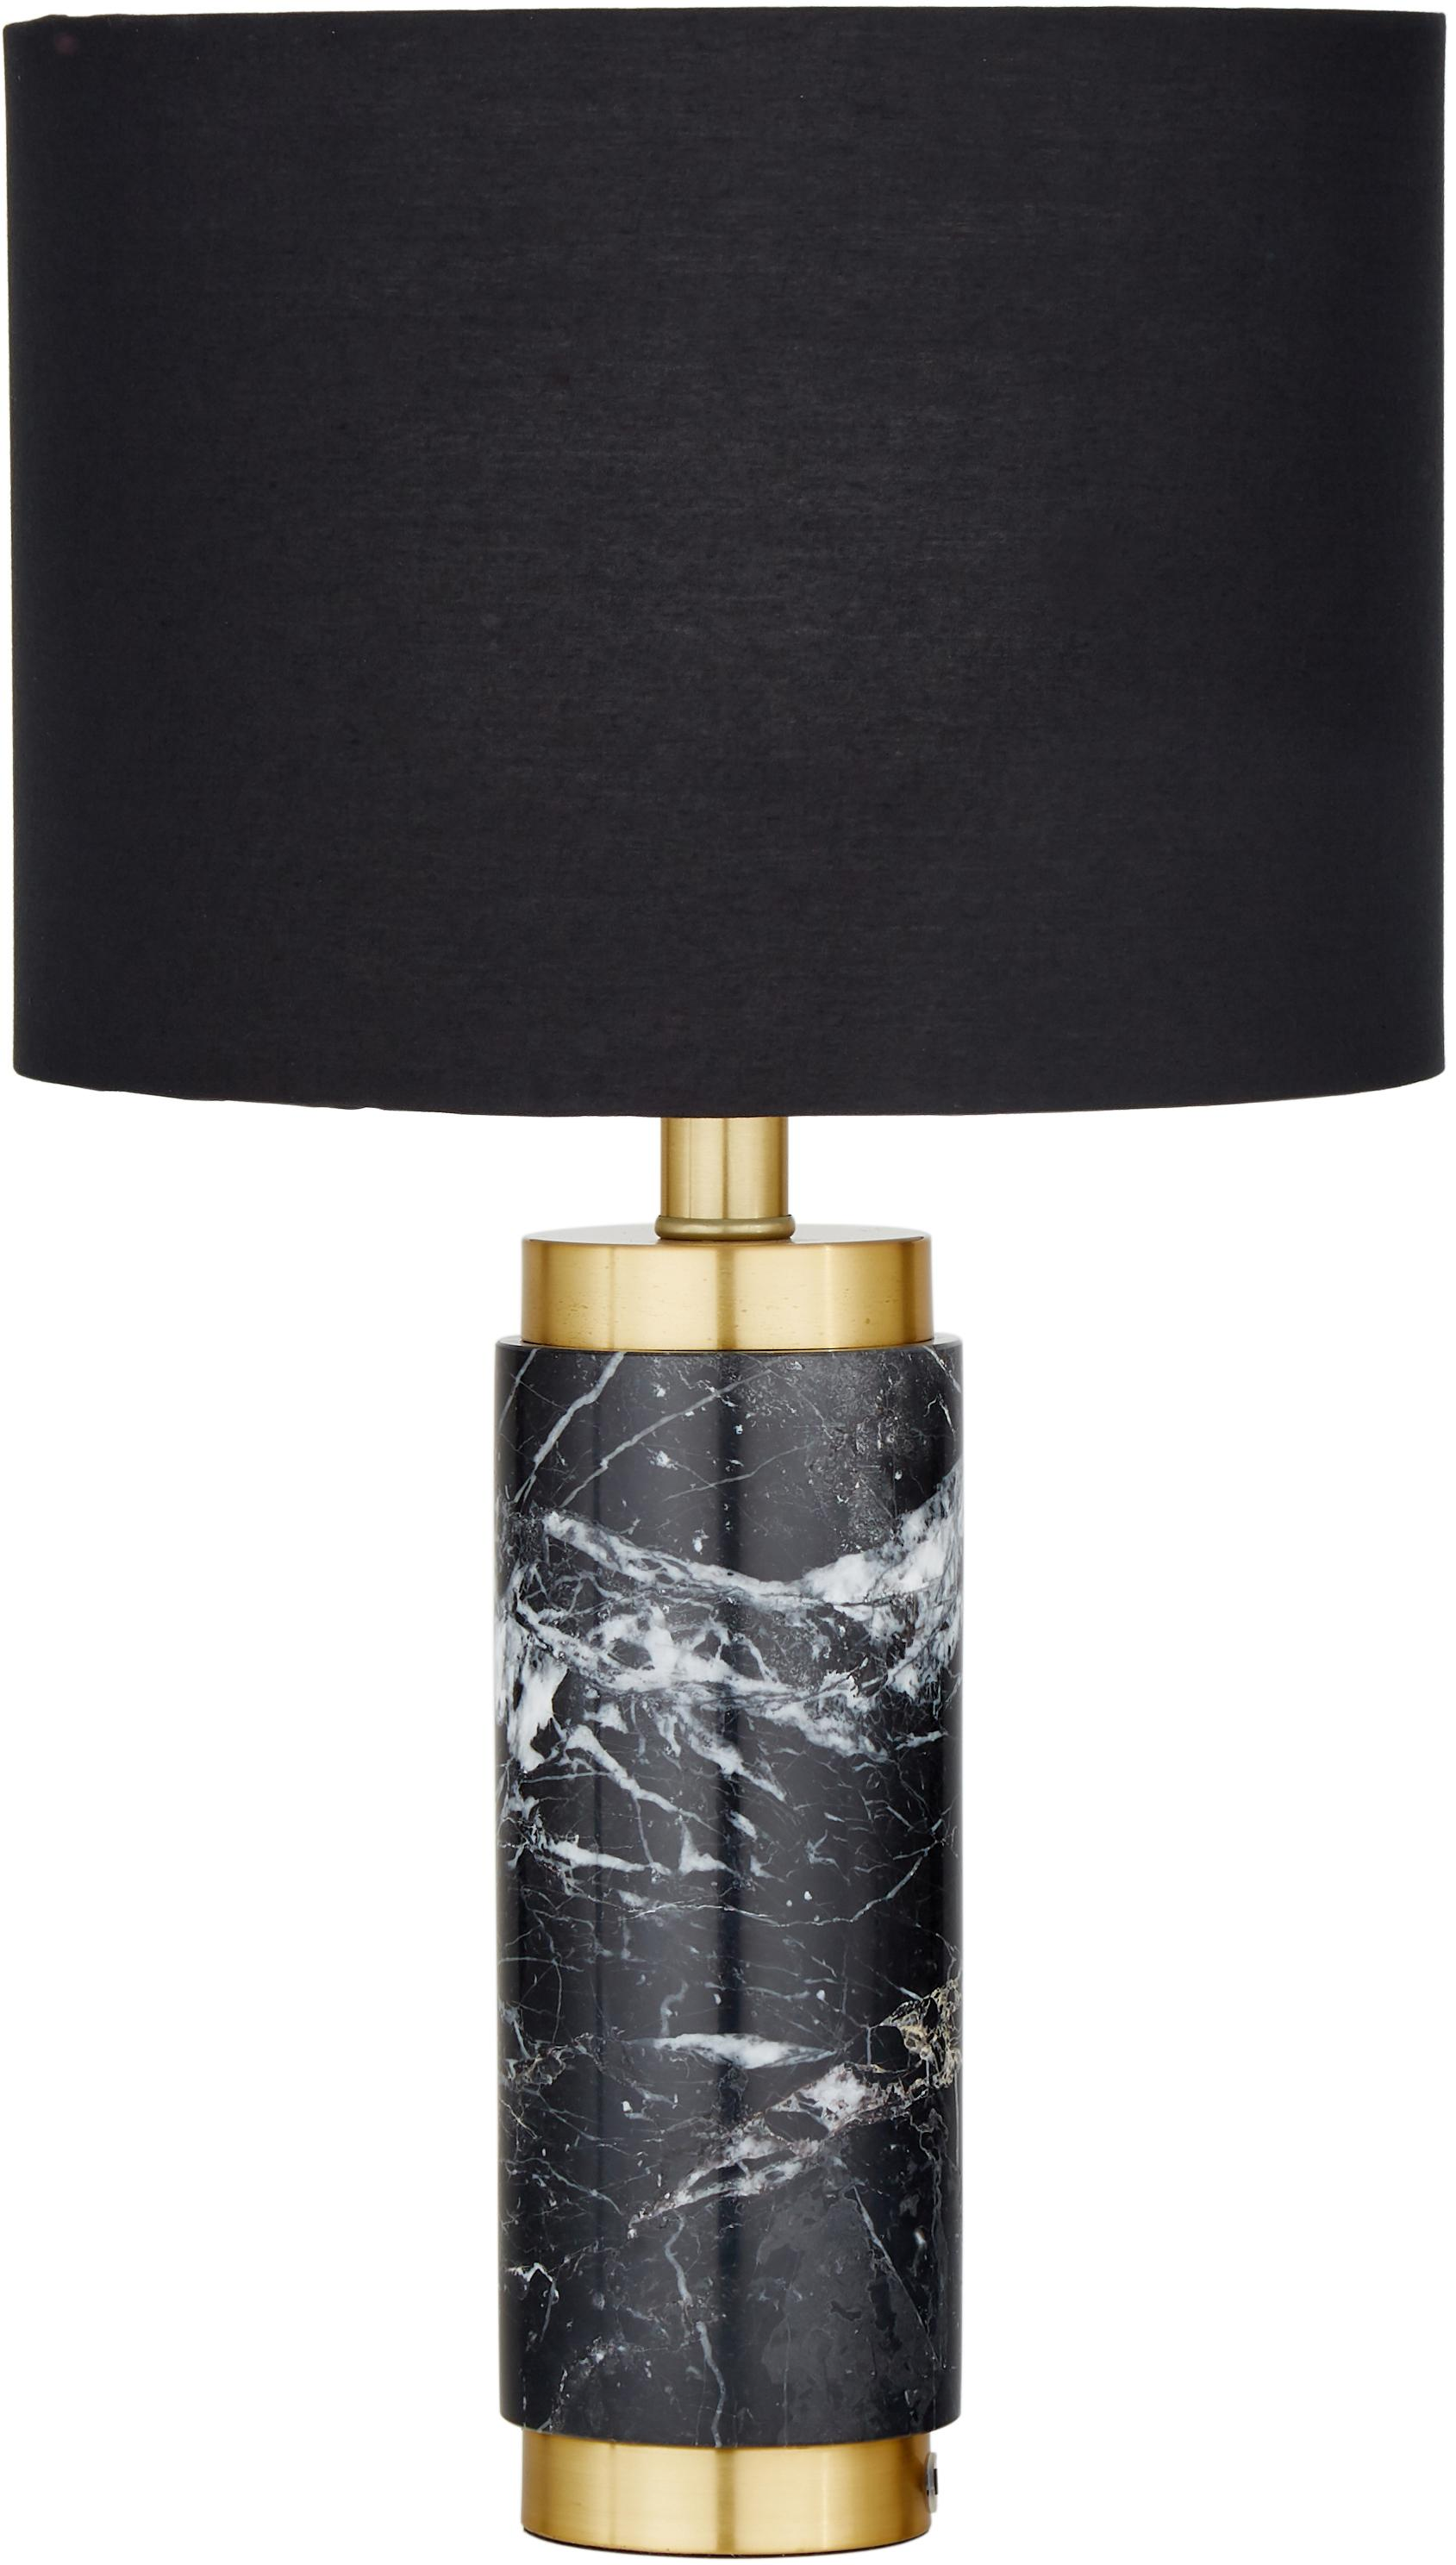 Lampa stołowa z marmuru Miranda, Biały, czarny marmur, Ø 28 x W 48 cm